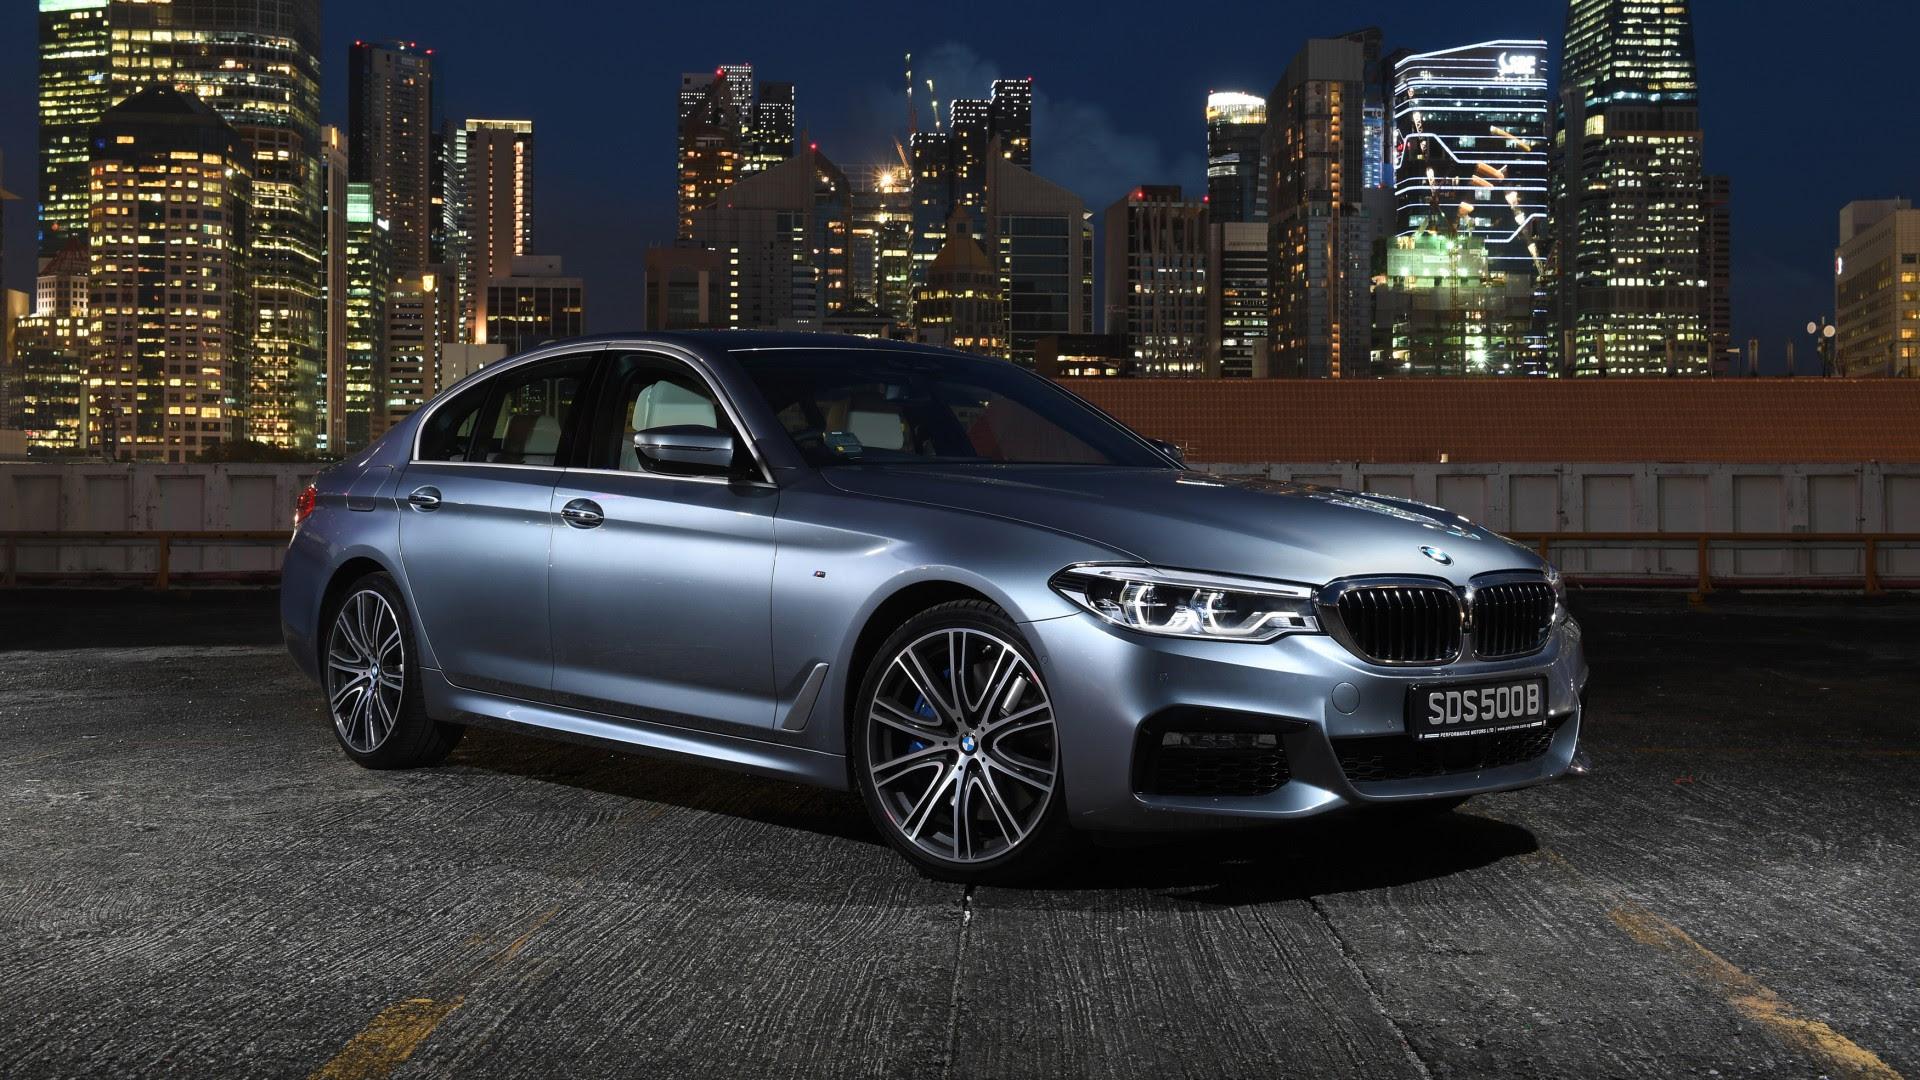 2017 BMW 540i M Spor